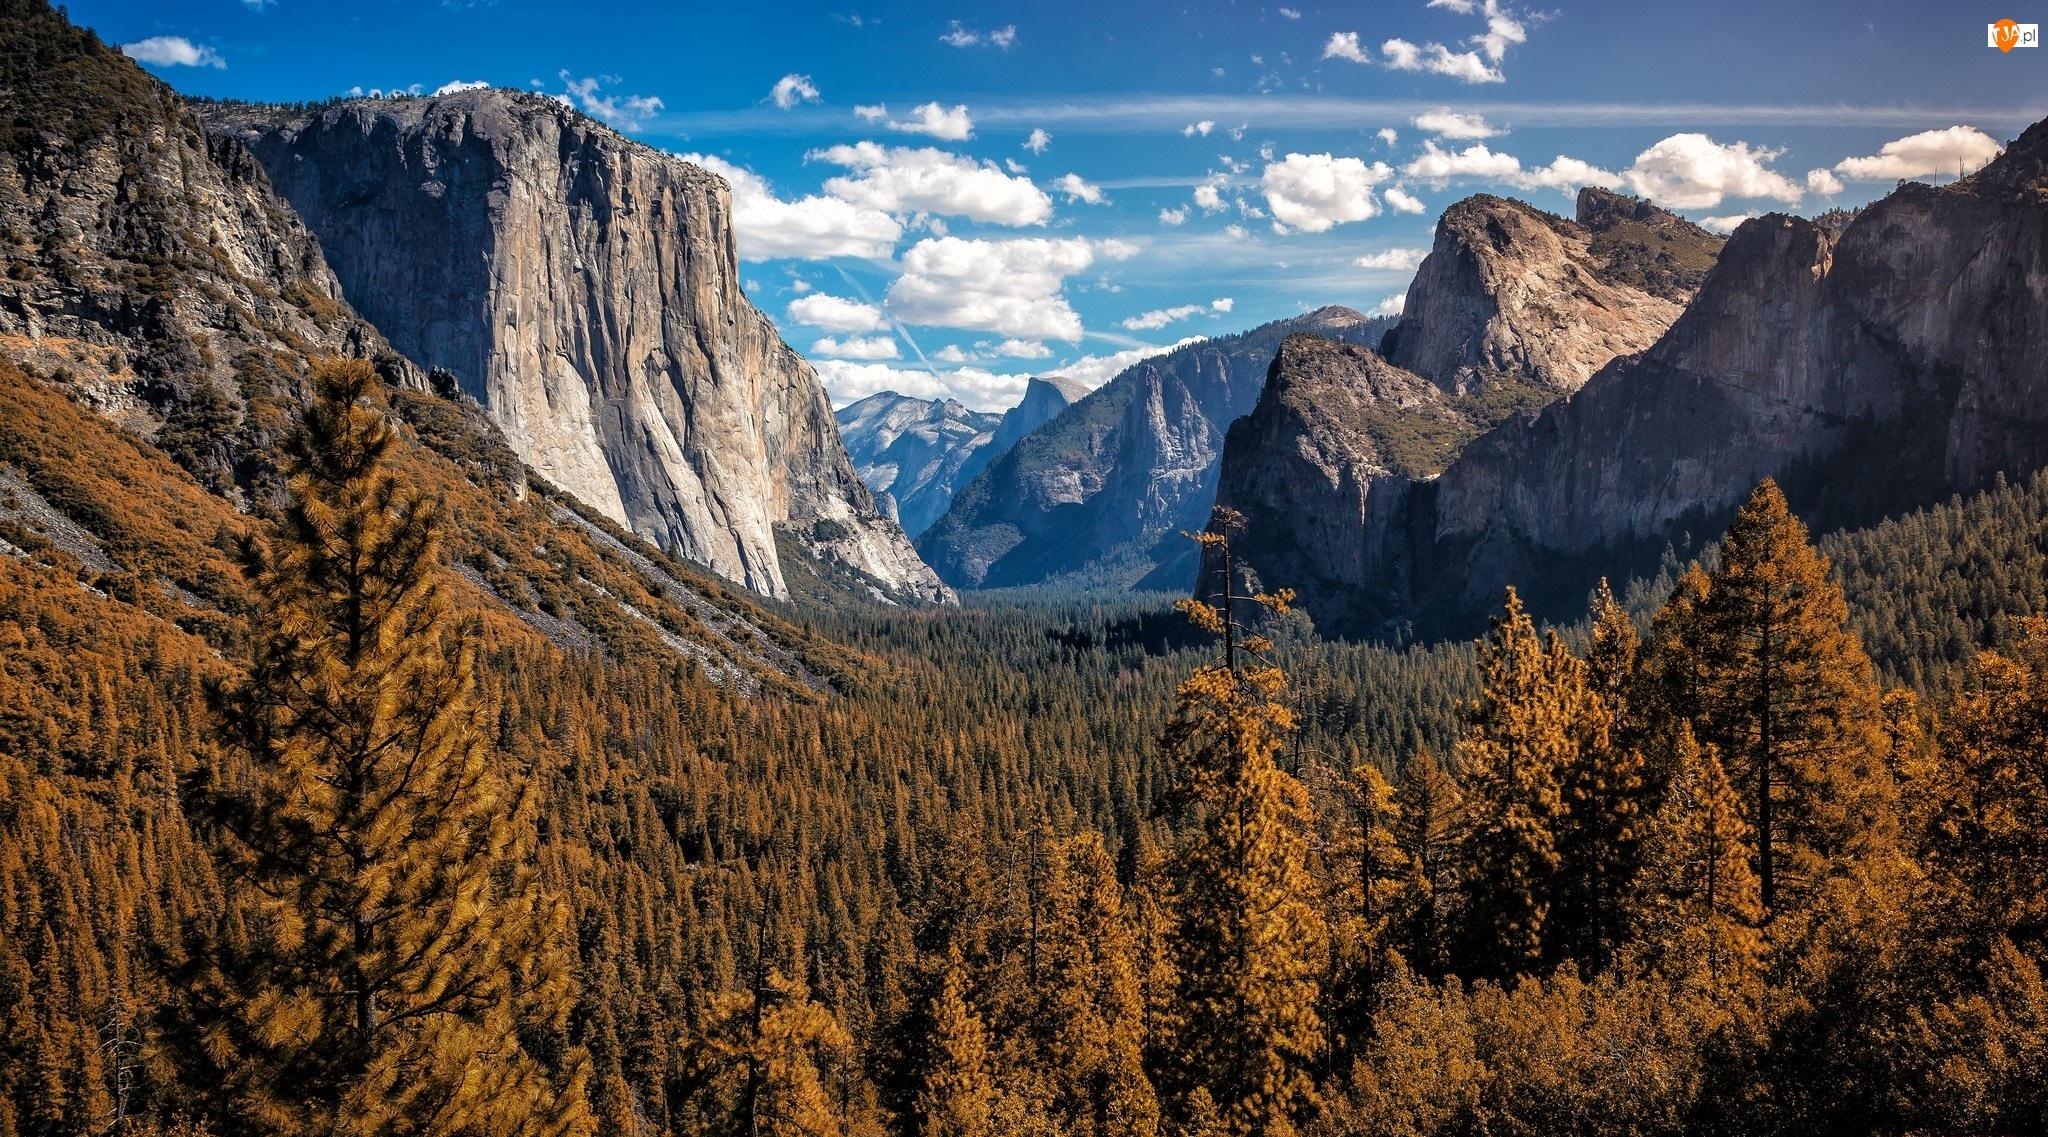 Drzewa, Dolina Yosemite Valley, Stan Kalifornia, Stany Zjednoczone, Chmury, Park Narodowy Yosemite, Góry